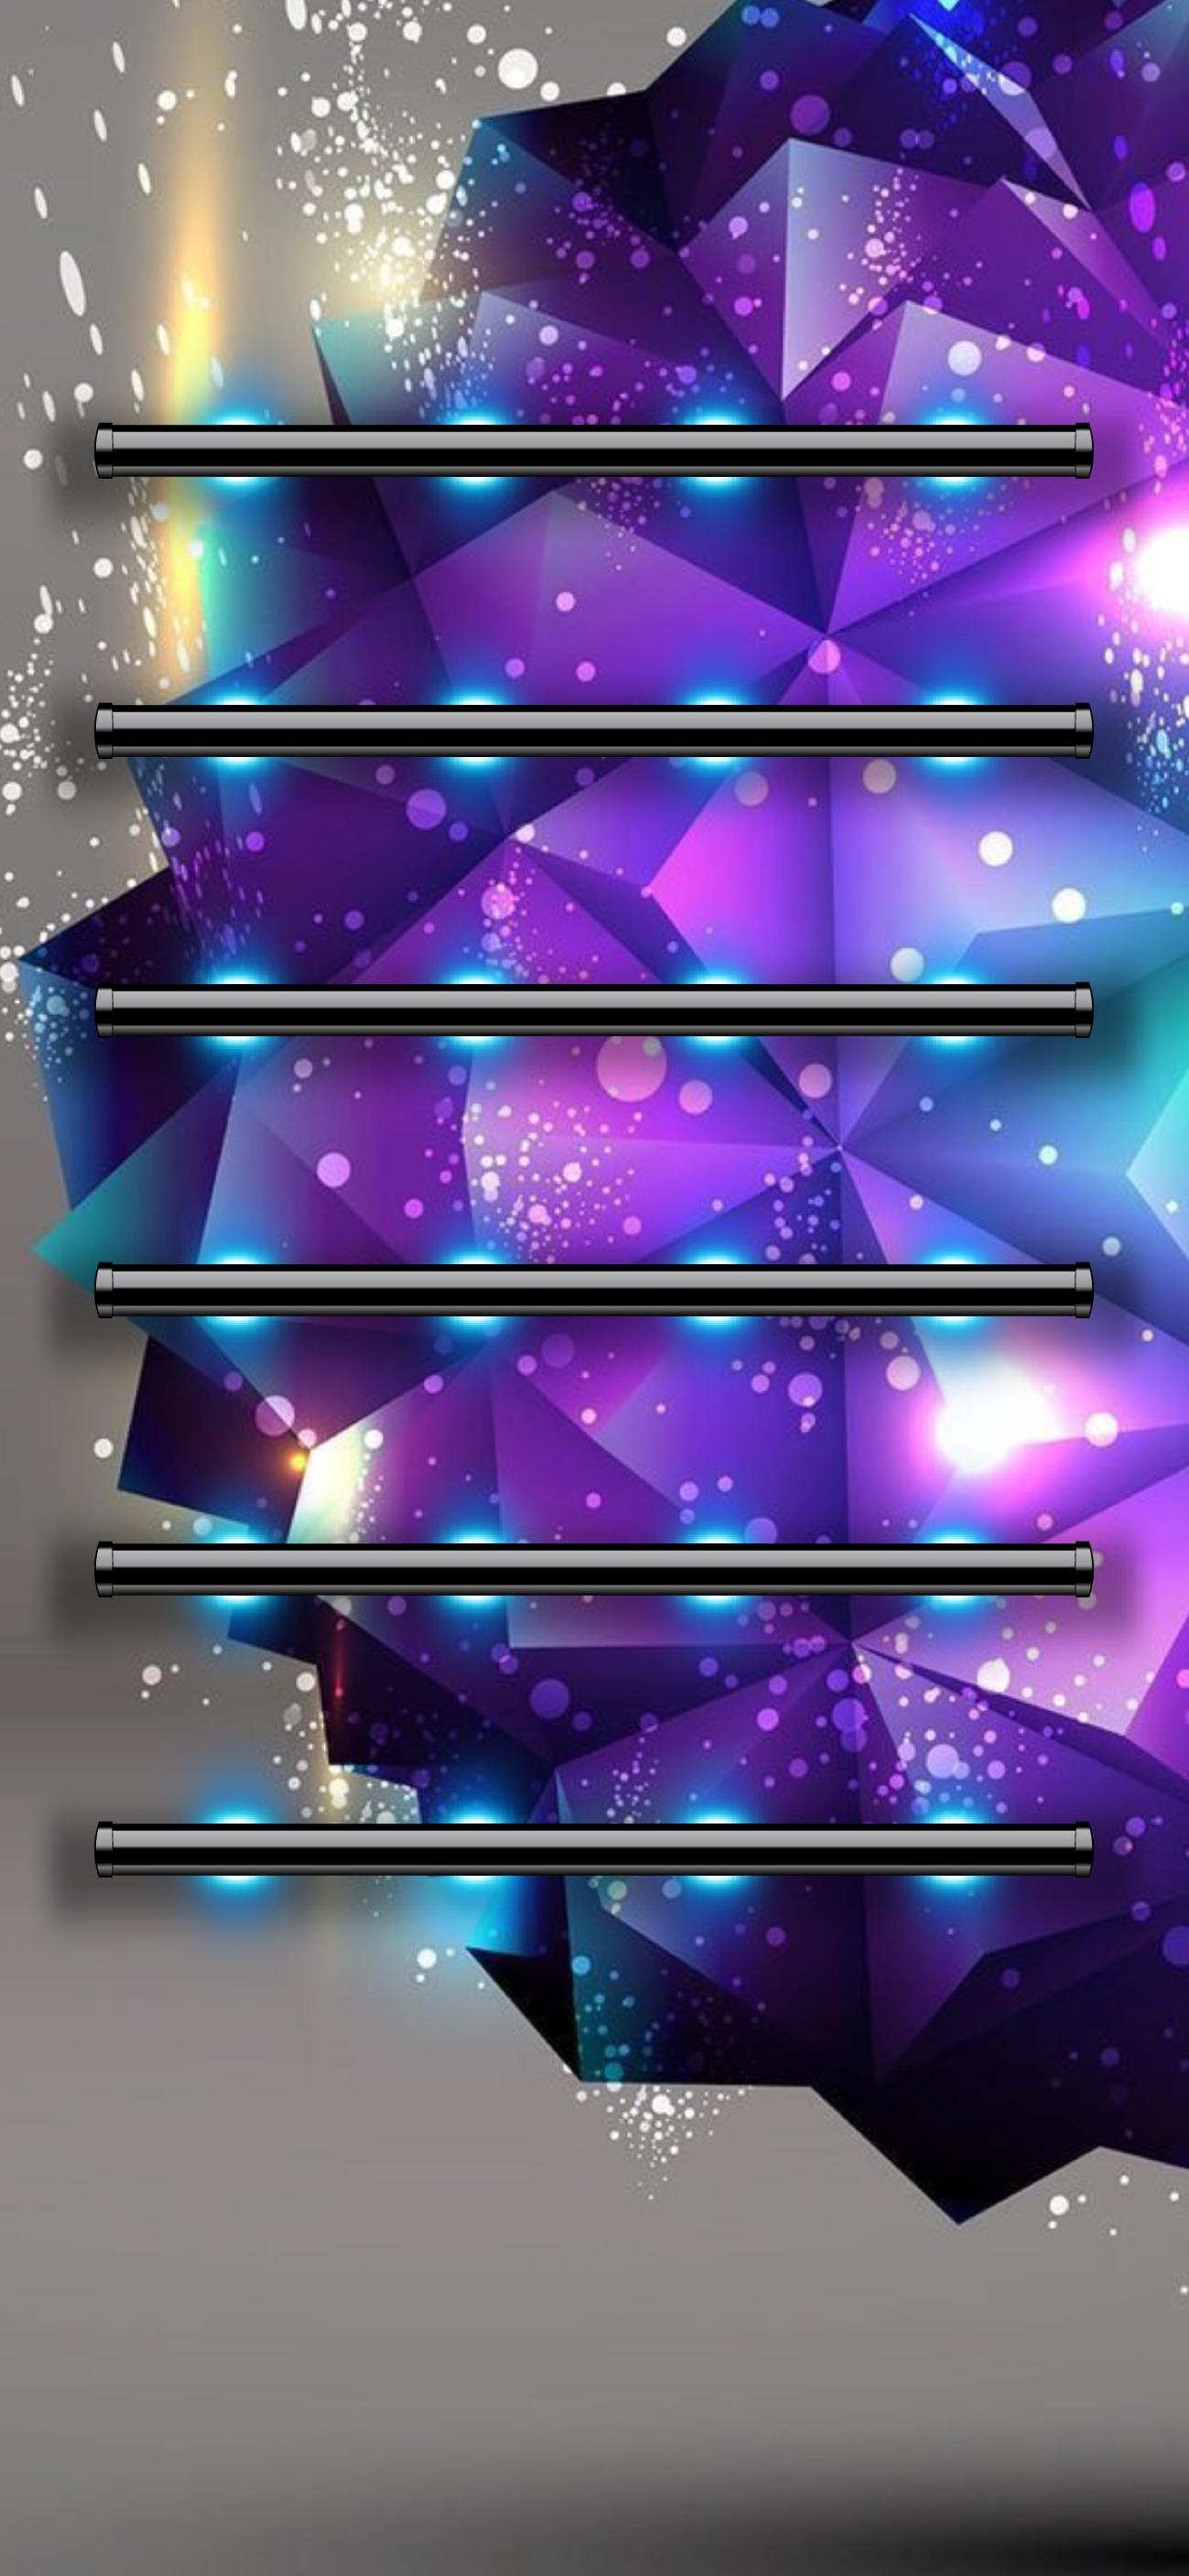 wallpaper iphone x Обои фоны, Обои для заблокированного